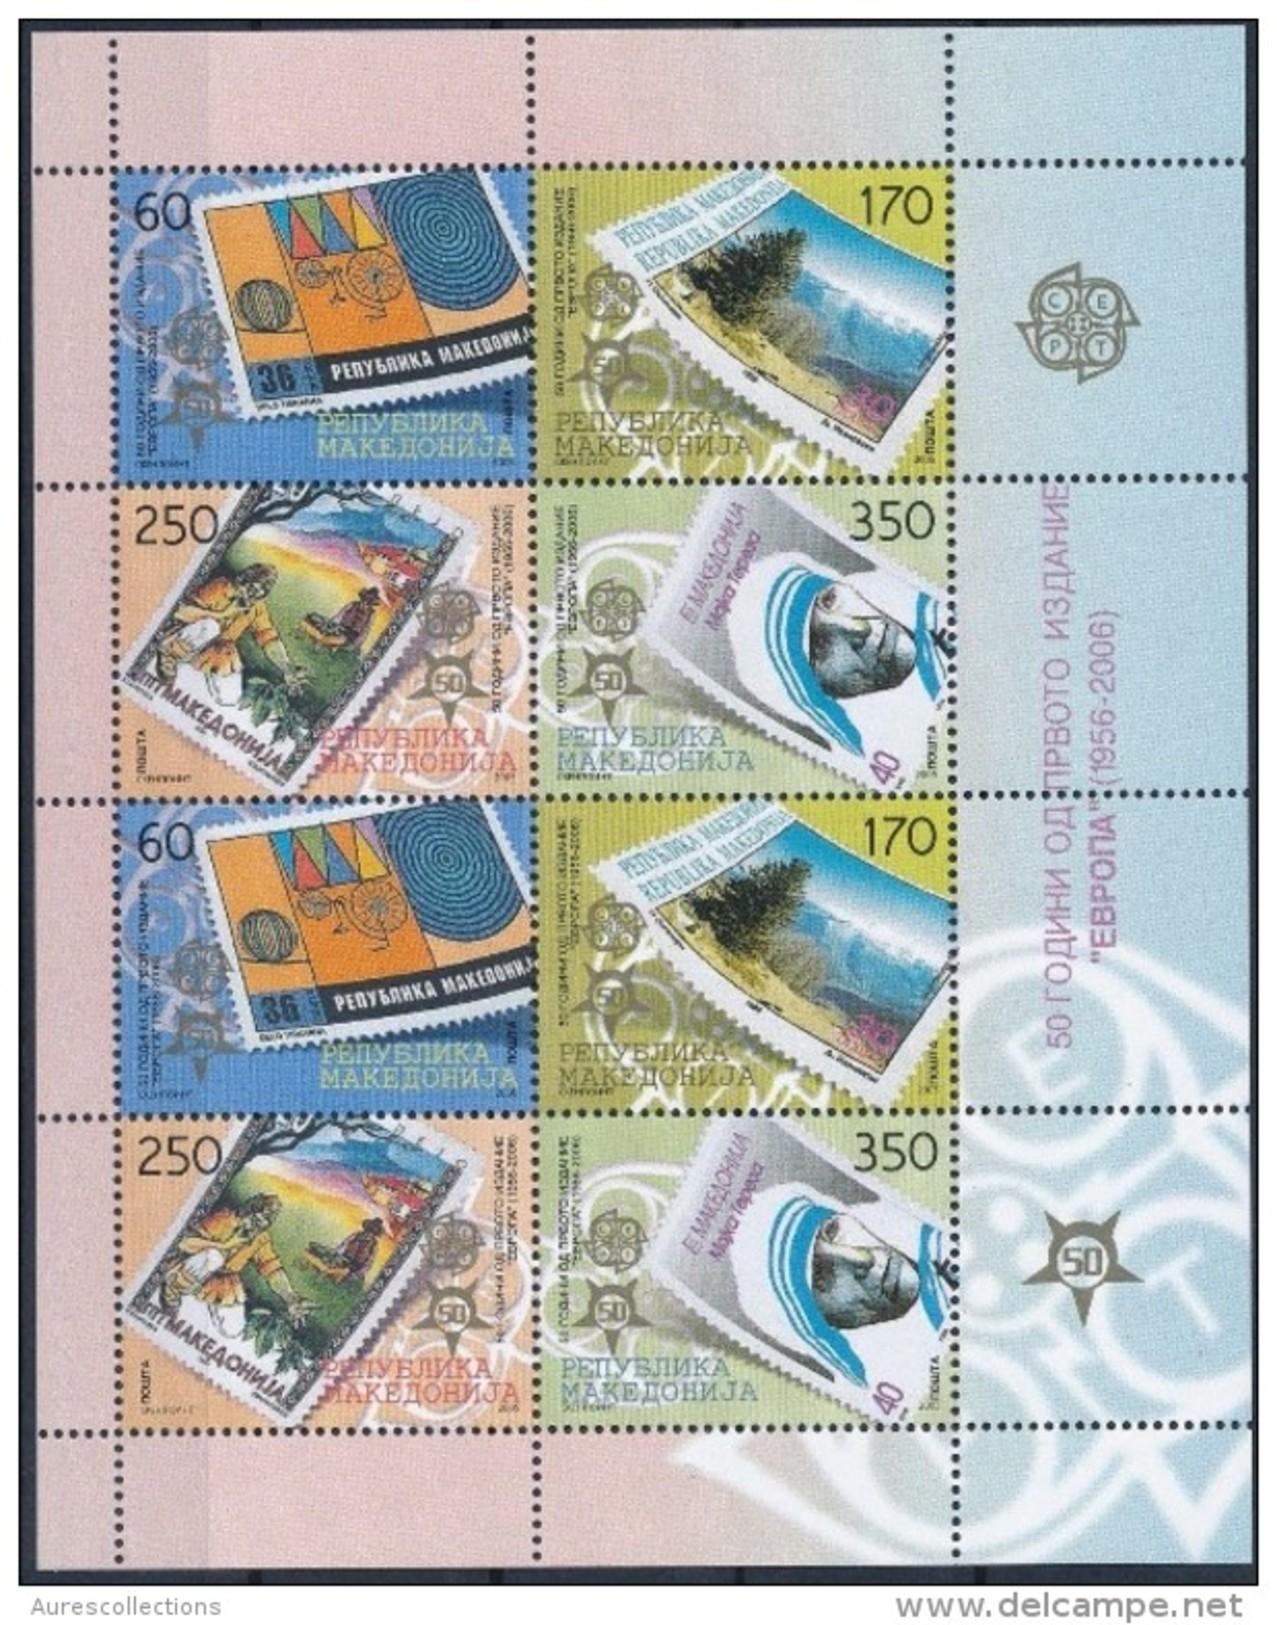 MACEDONIA MACEDOINE EUROPA CEPT ANNIVERSARY ANNIVERSAIRE ANNIV ANNIV. 2005 2006 FULL SHEET MINI SHEET MNH - 2005